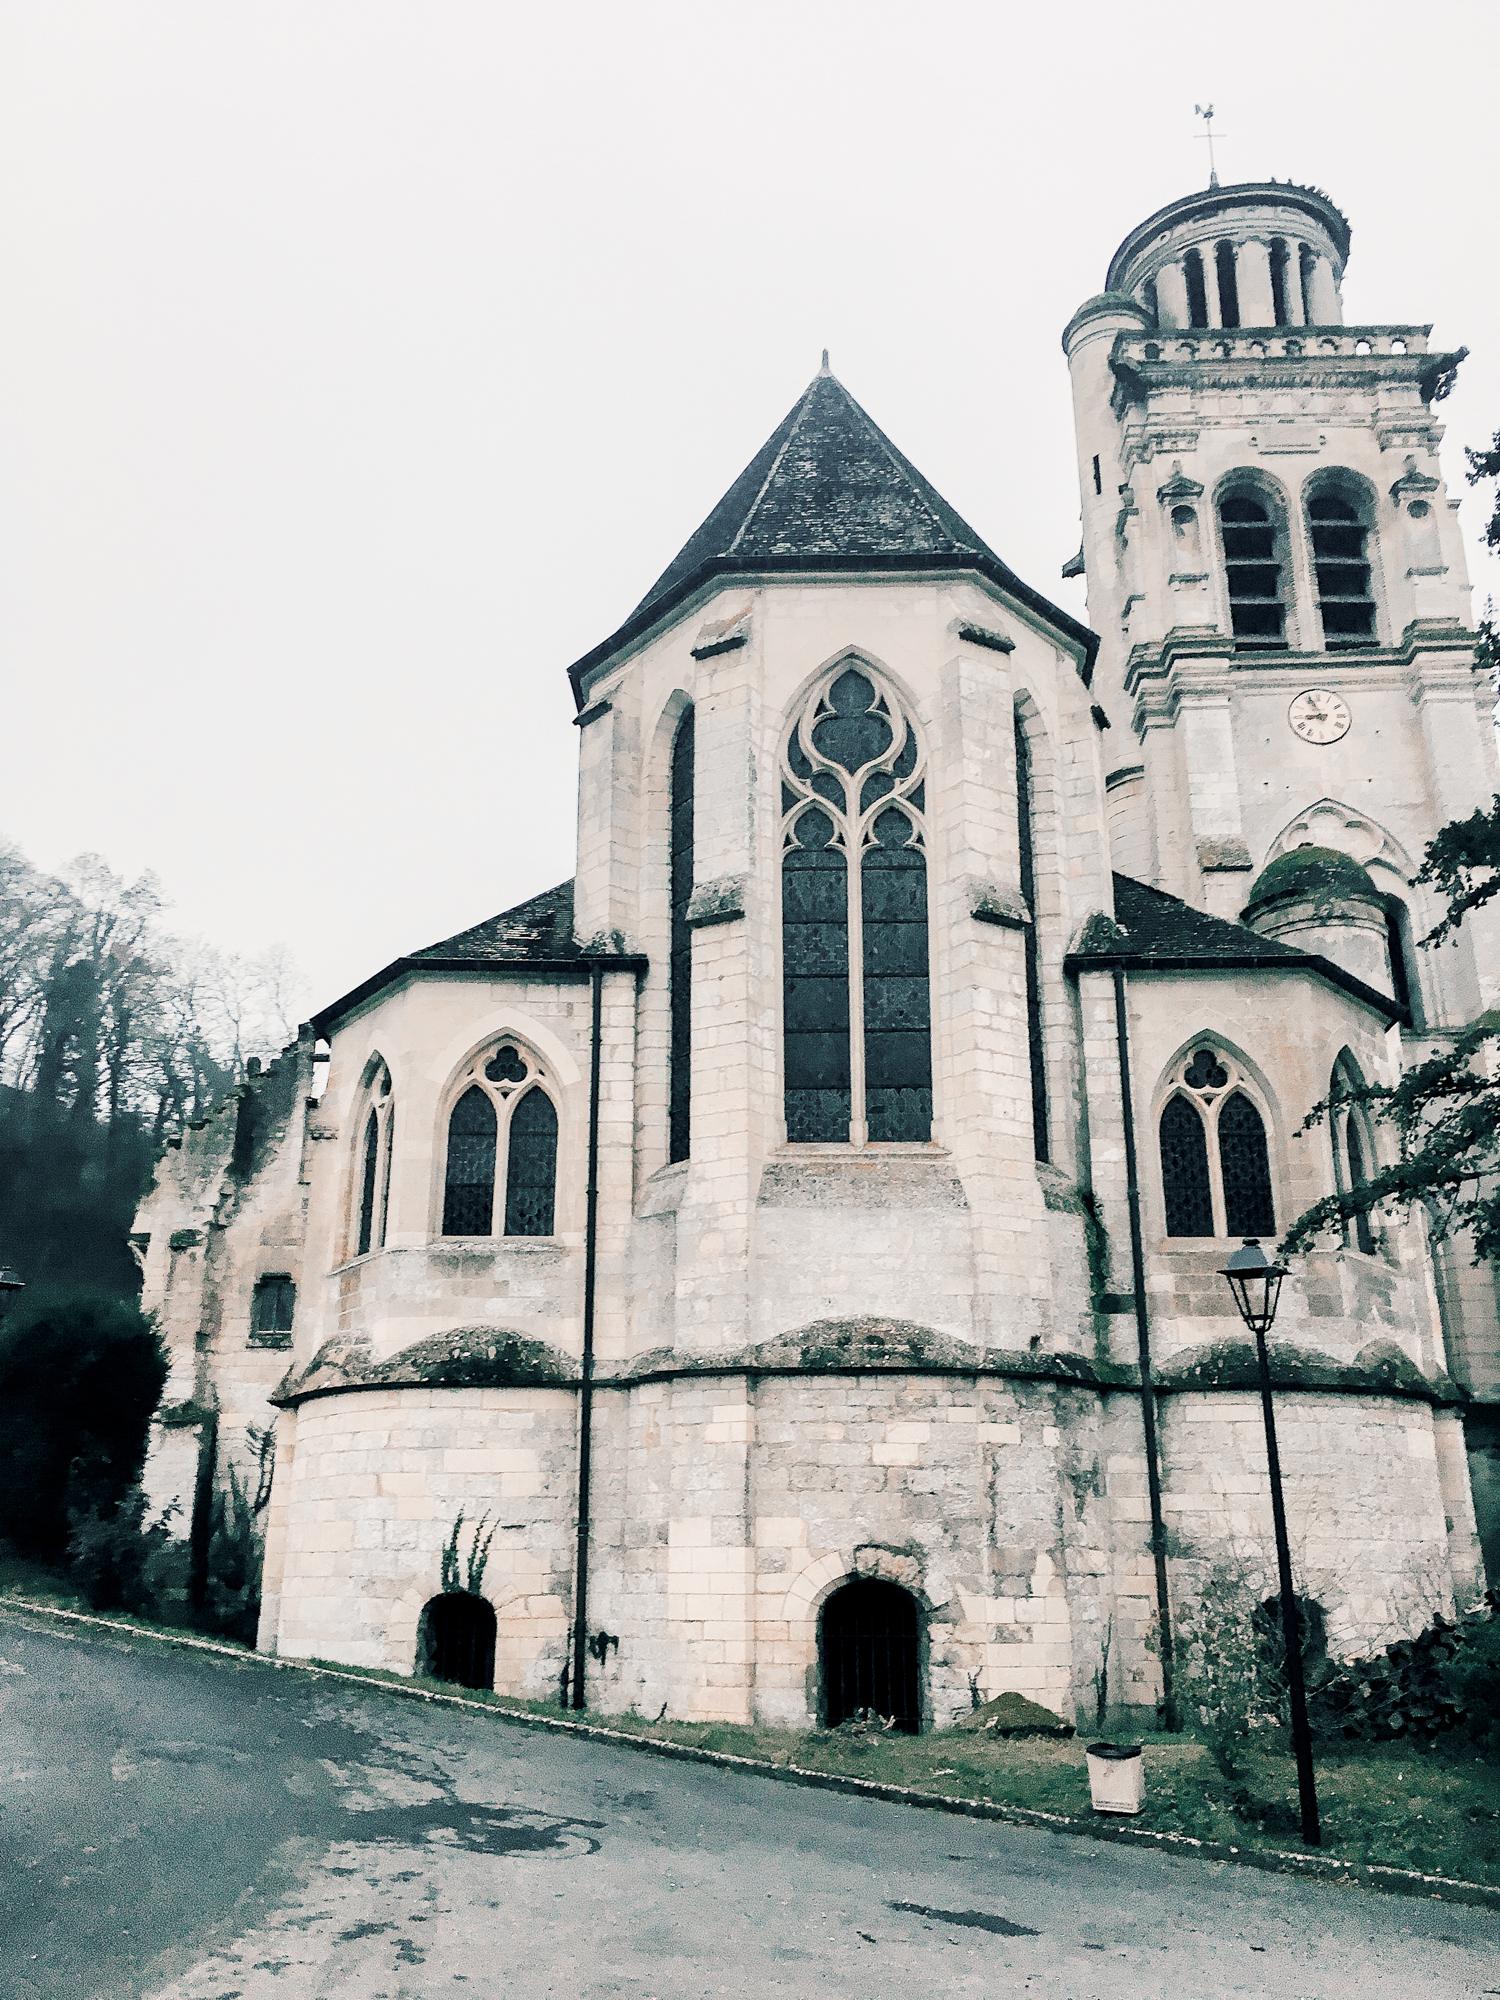 compte-rendu du trail du chateau de pierrefonds